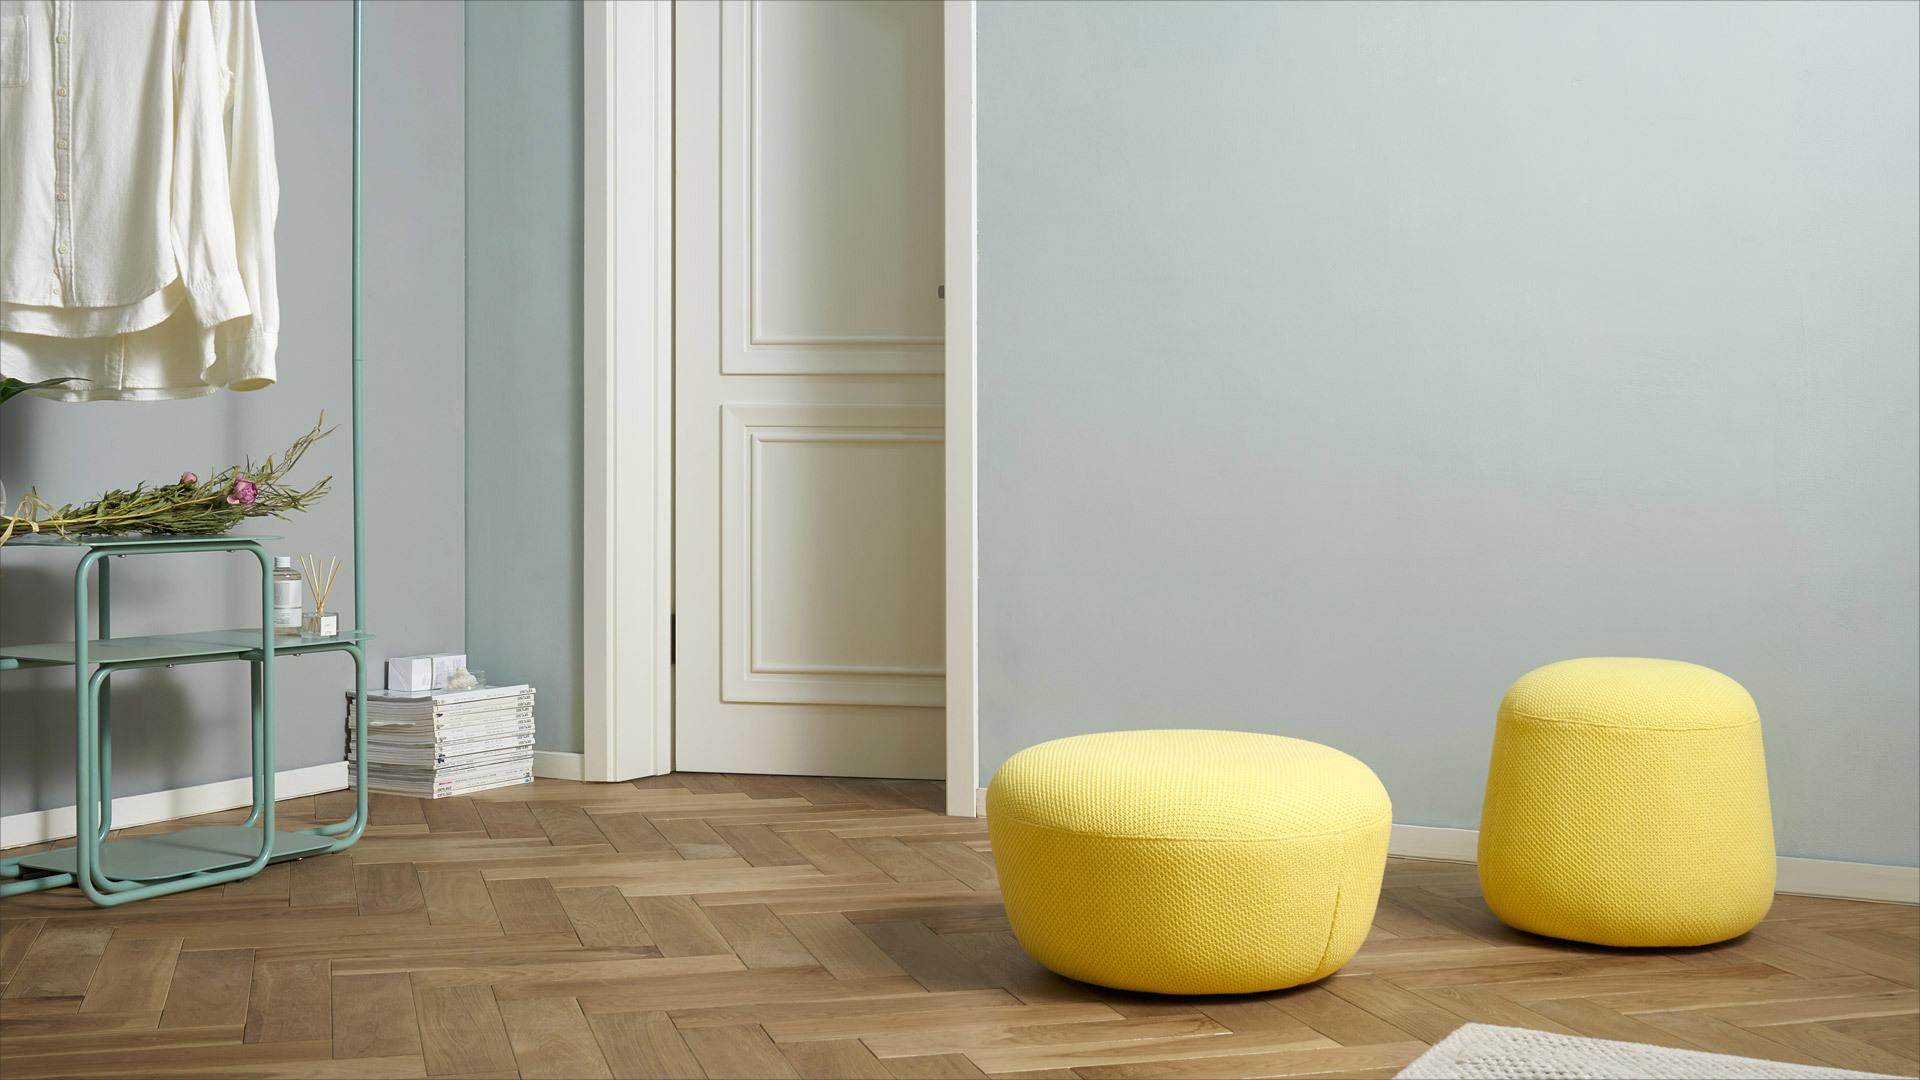 半米空间,给玄关的舒适换鞋凳